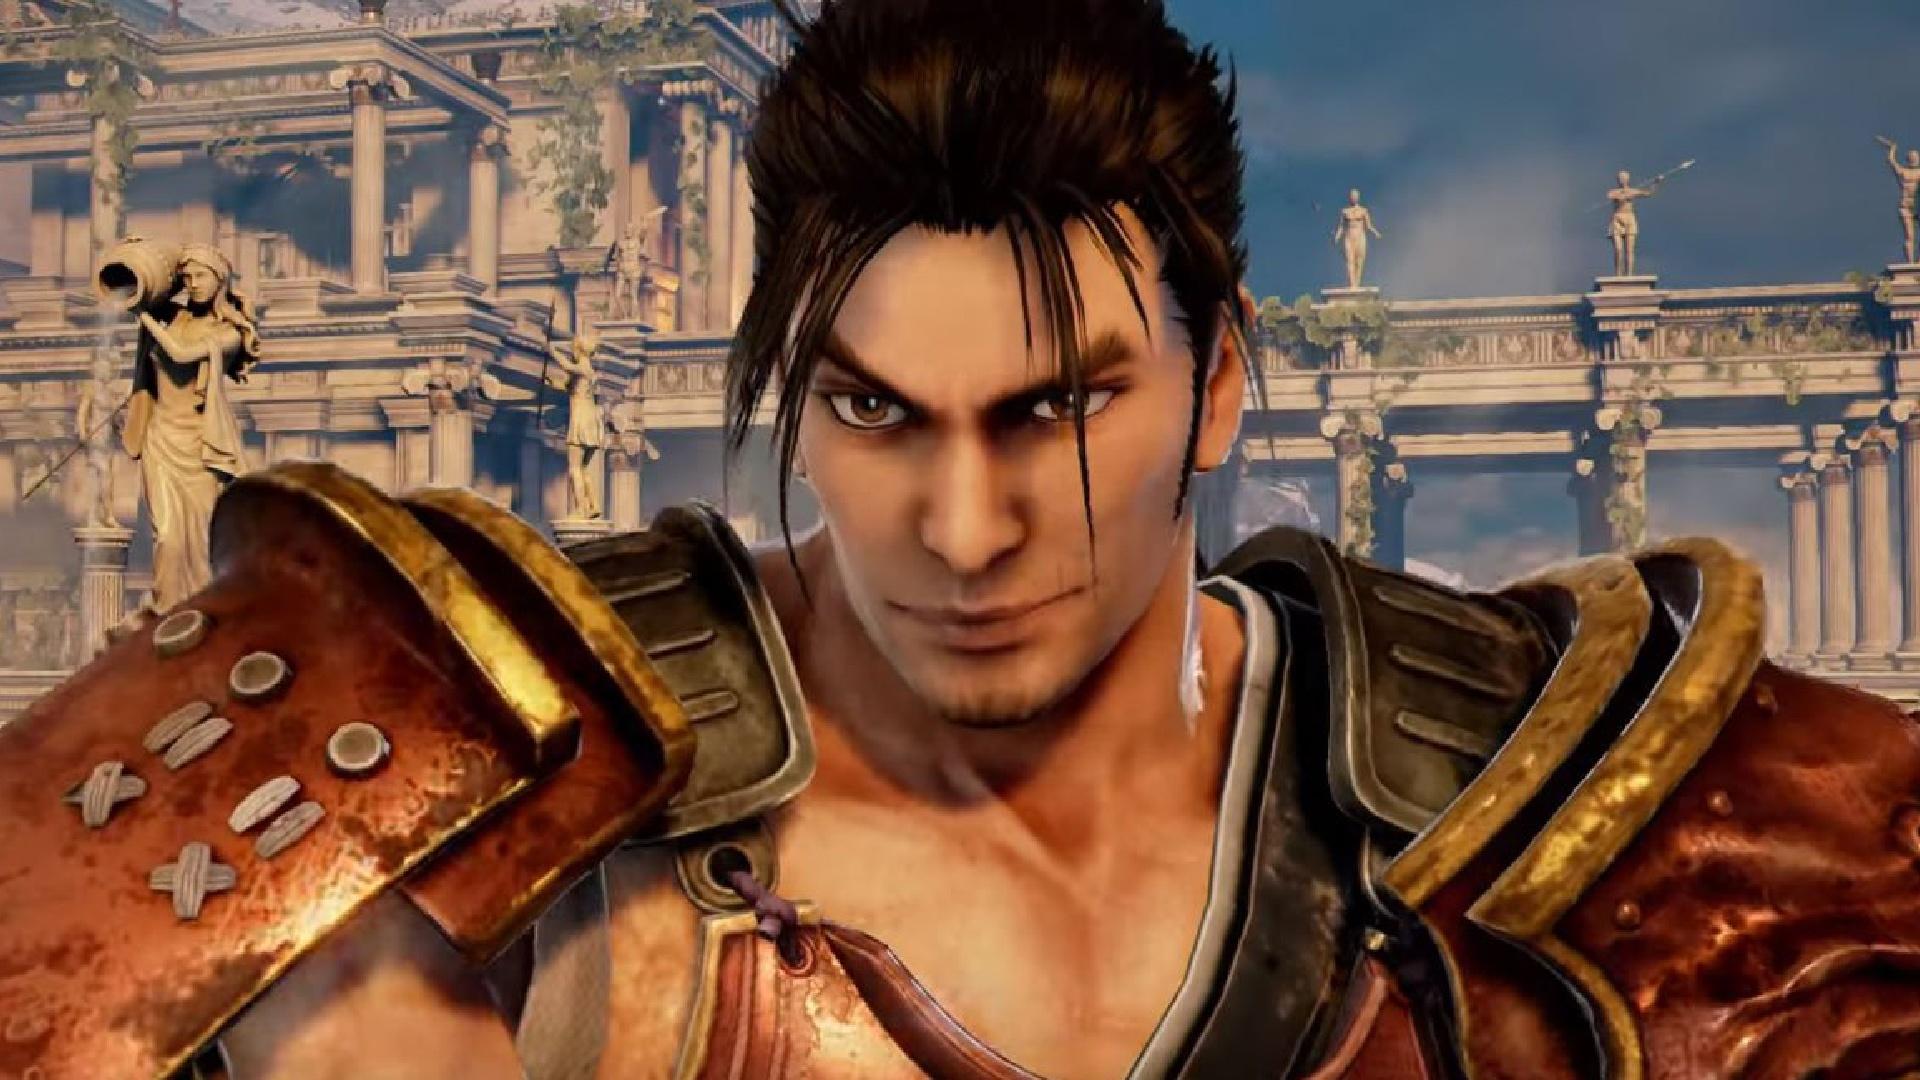 Soul Calibur 6 - Trailer kündigt Fortsetzung der Fighting-Serie für PS4 Xbox One an